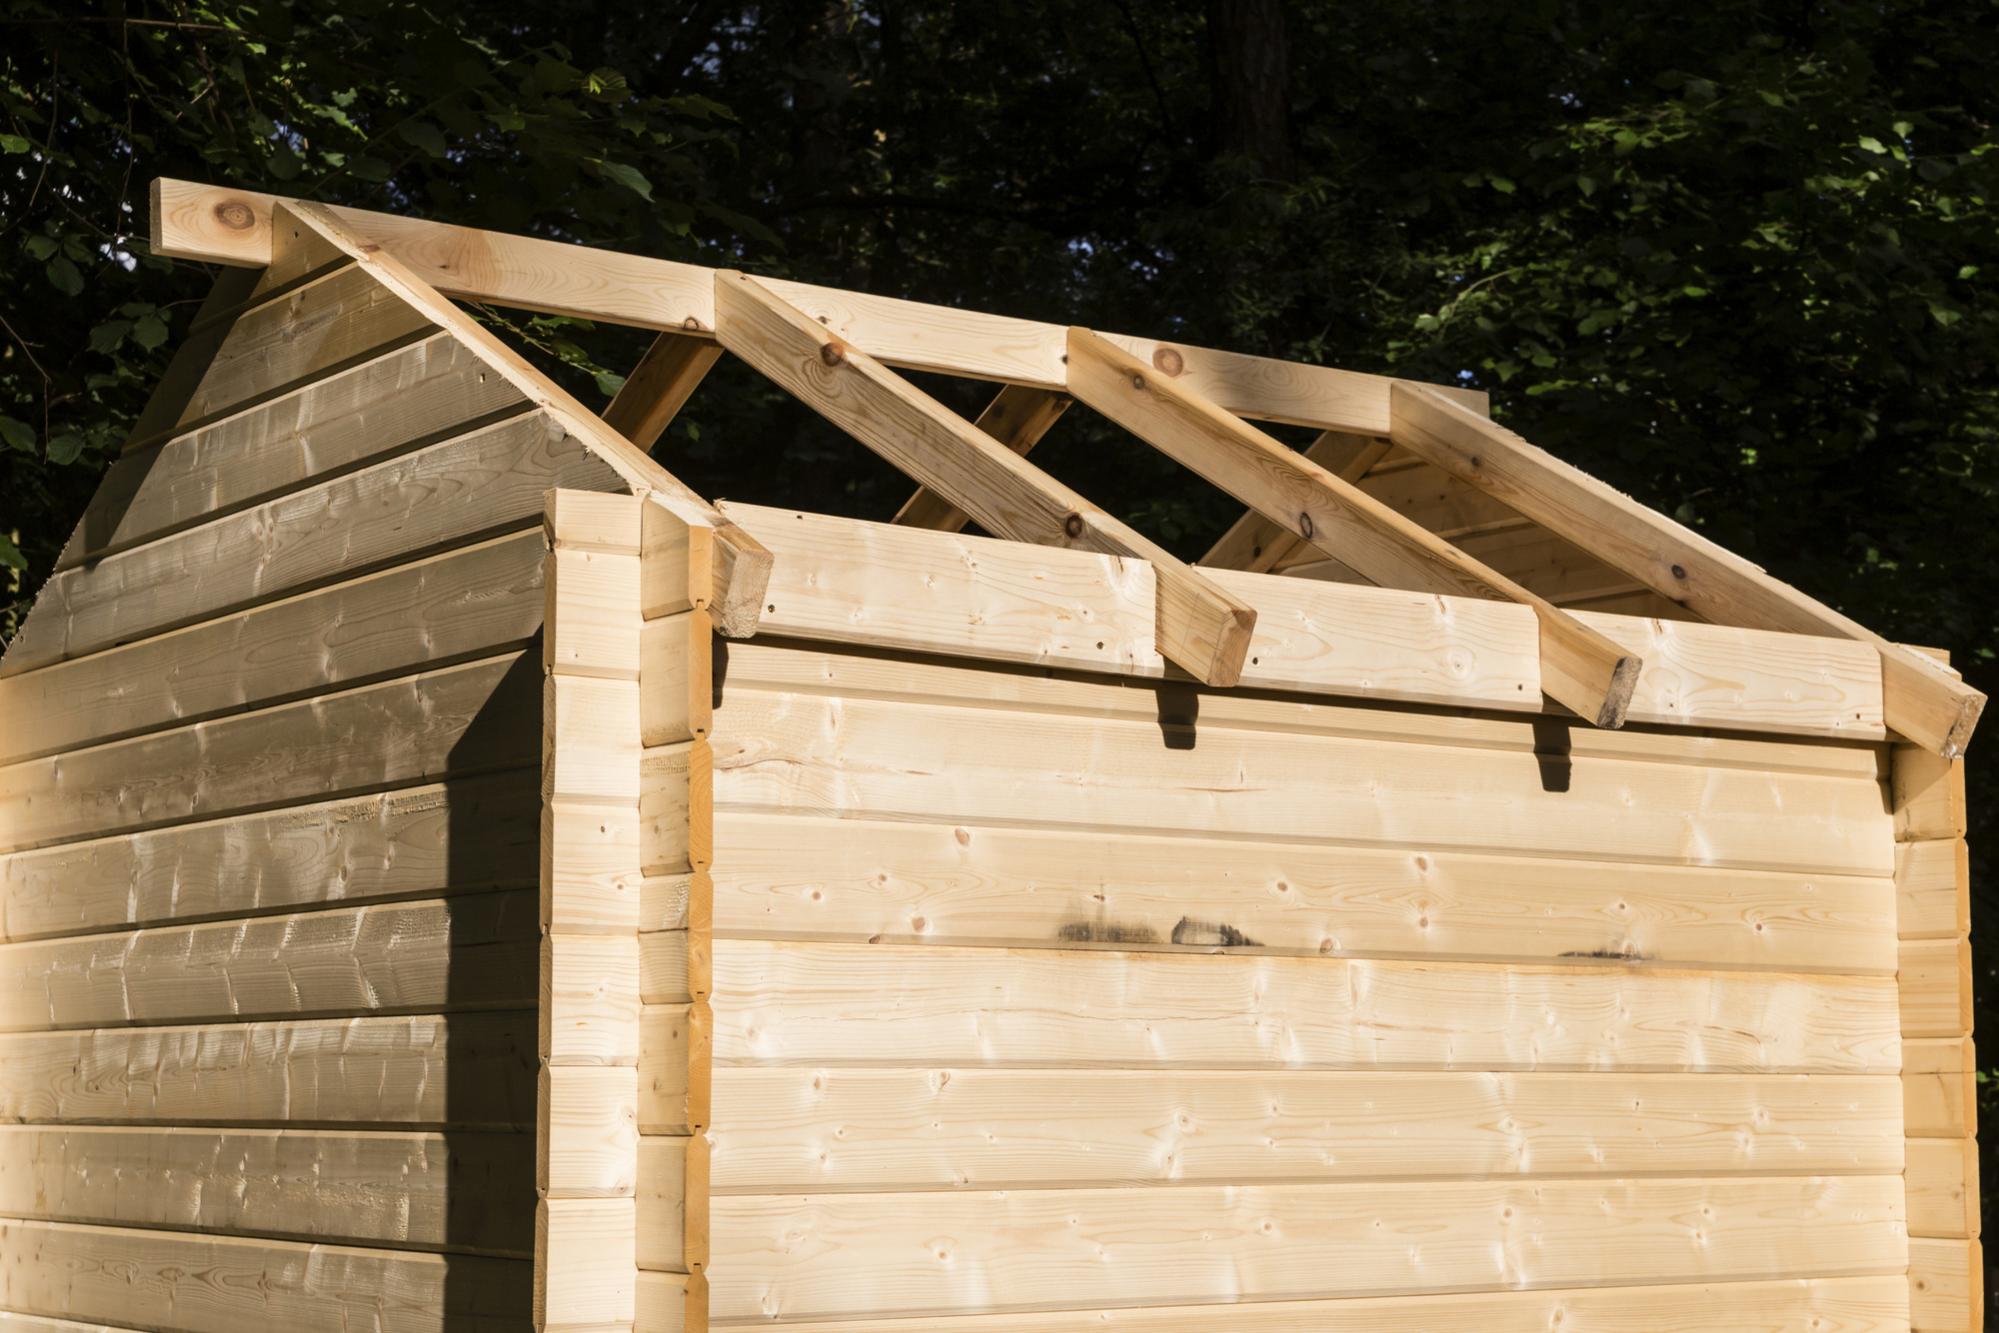 Comment Construire Un Abri De Jardin ? encequiconcerne Comment Construire Son Abri De Jardin